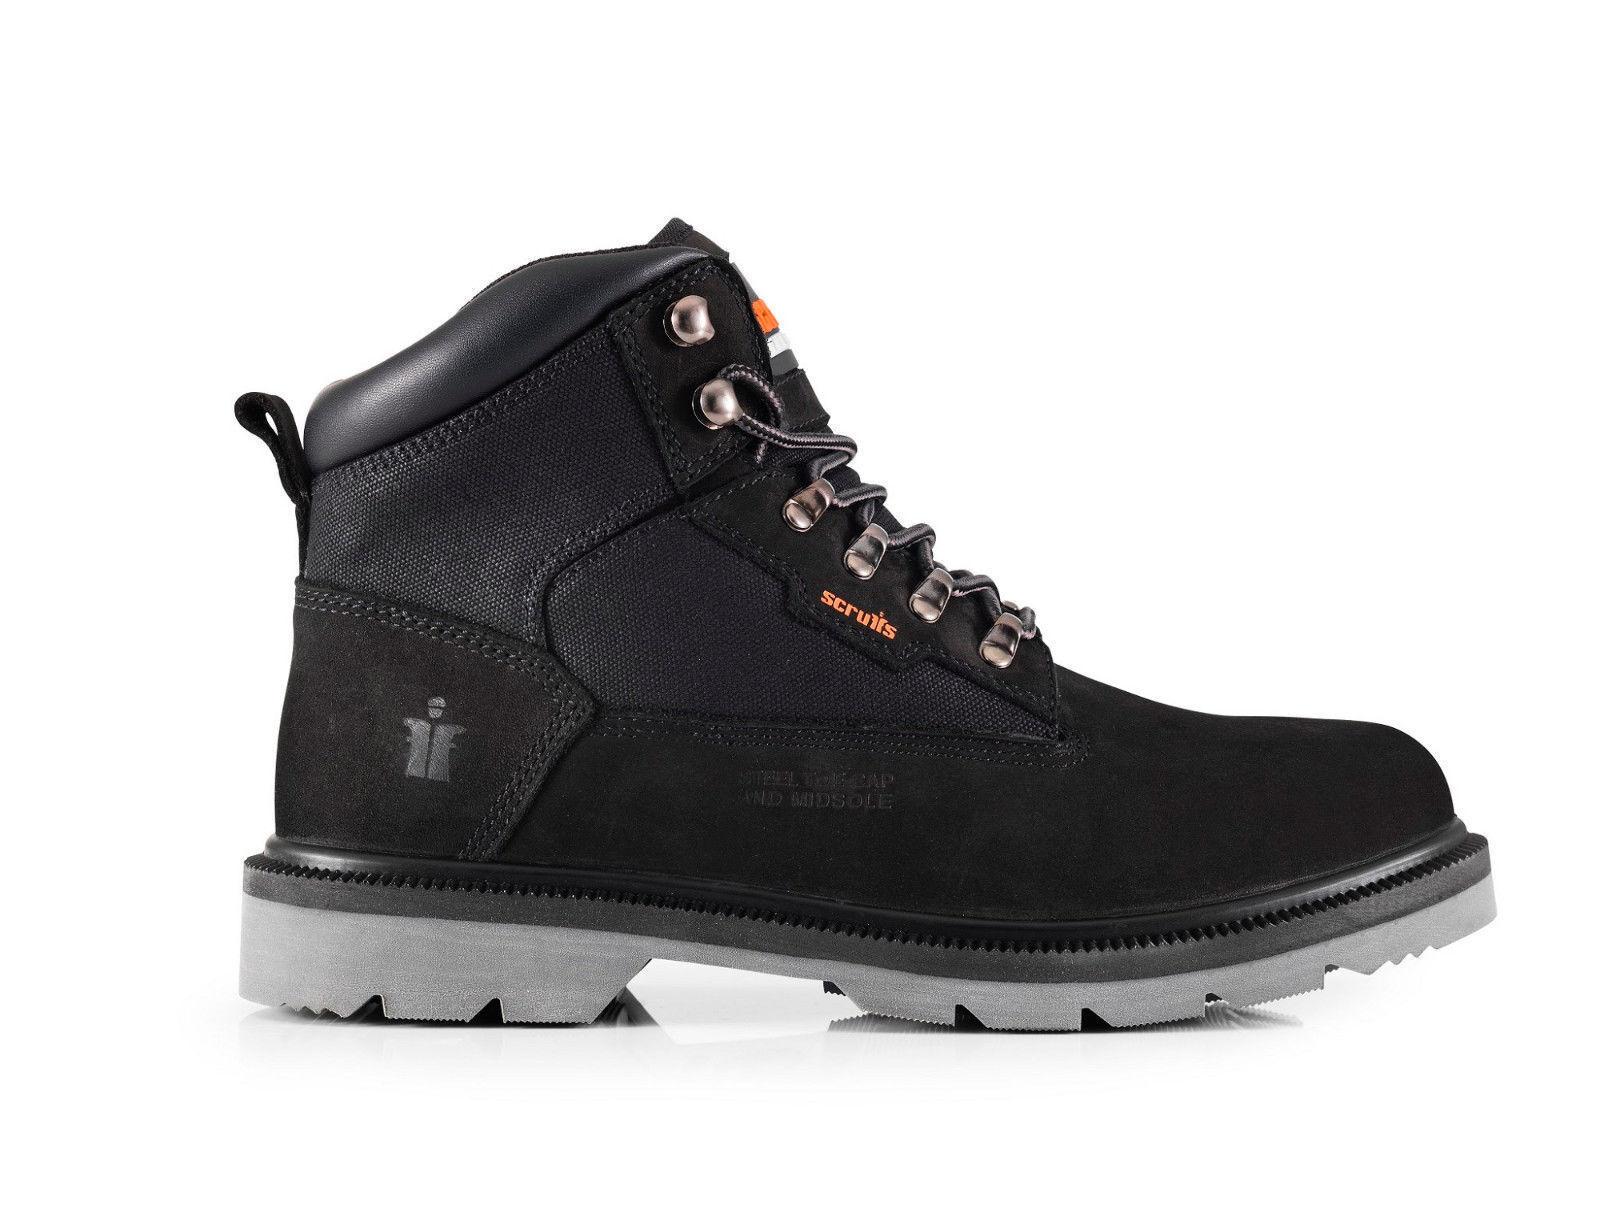 Scruffs TWISTER schwarz Safety Hiker Work Stiefel (Größes 7-12) Steel Toe Midsole    | Konzentrieren Sie sich auf das Babyleben